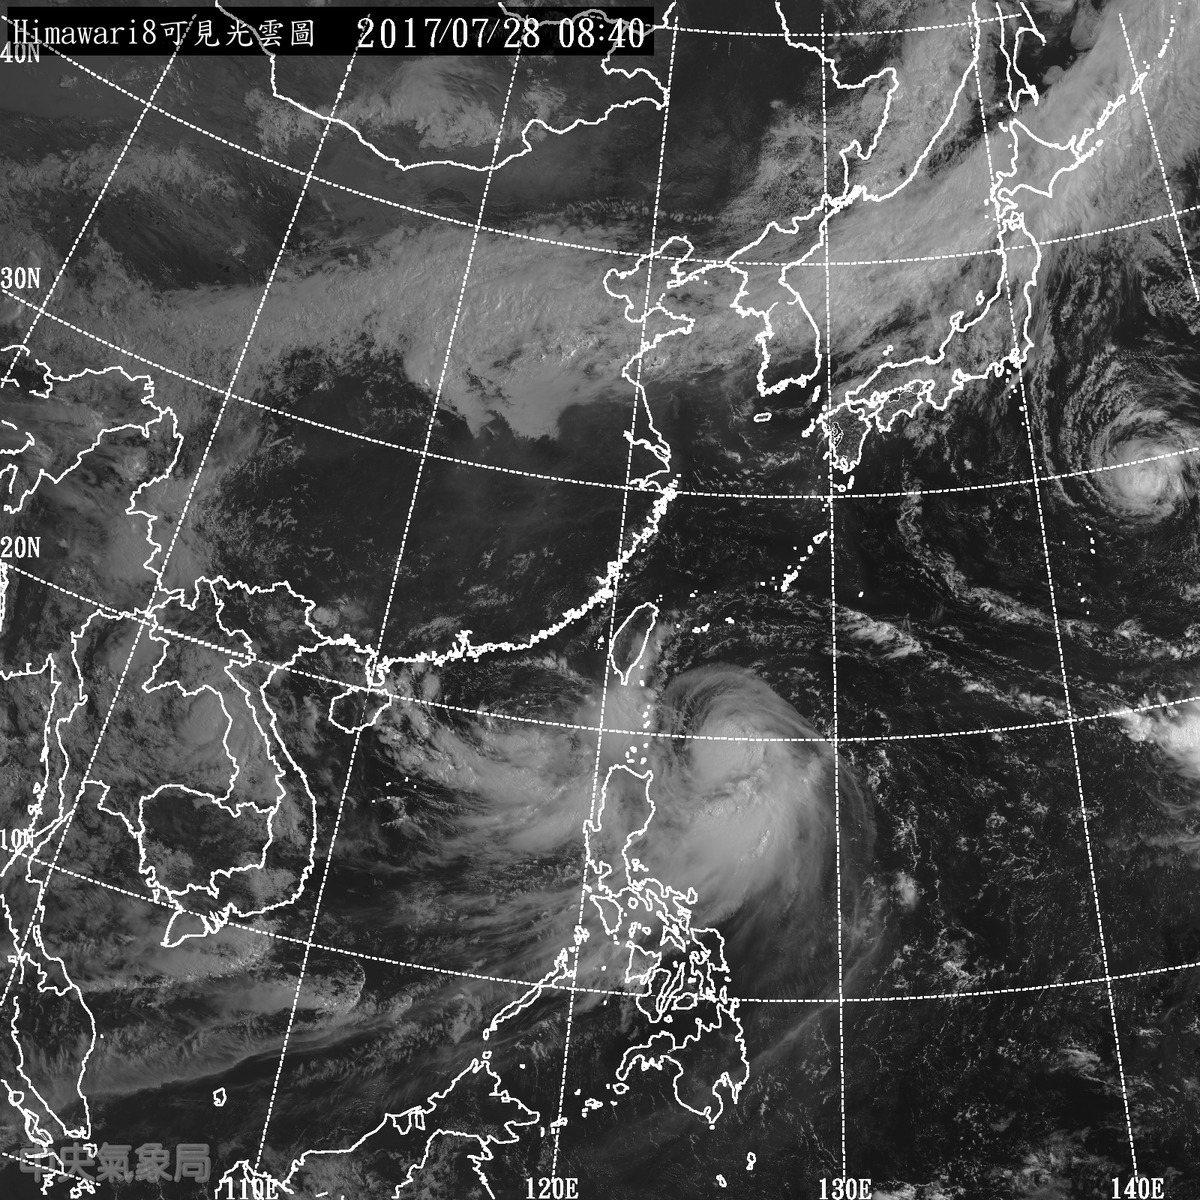 中央氣象局表示,颱風尼莎增強,已達輕度颱風上限,若繼續增強,不排除變成中颱。圖/...